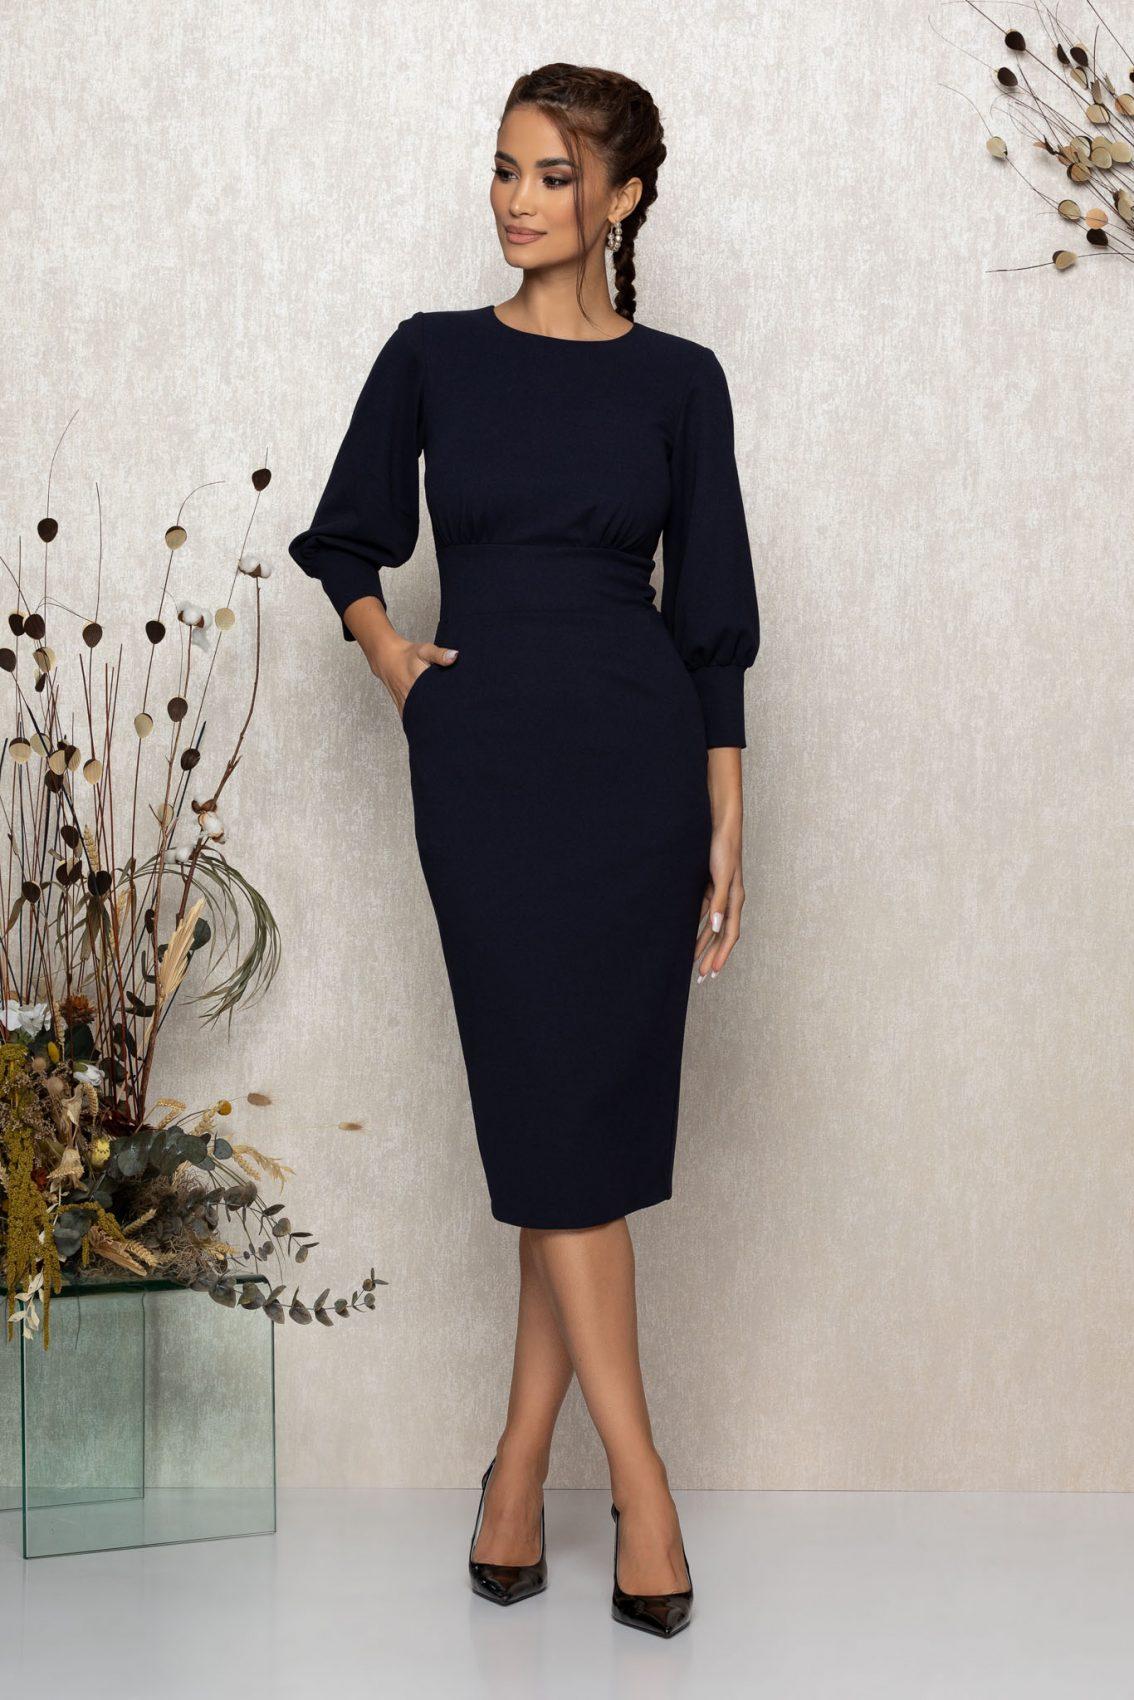 Μπλε Μίντι Εφαρμοστό Φόρεμα Zaya T349 1